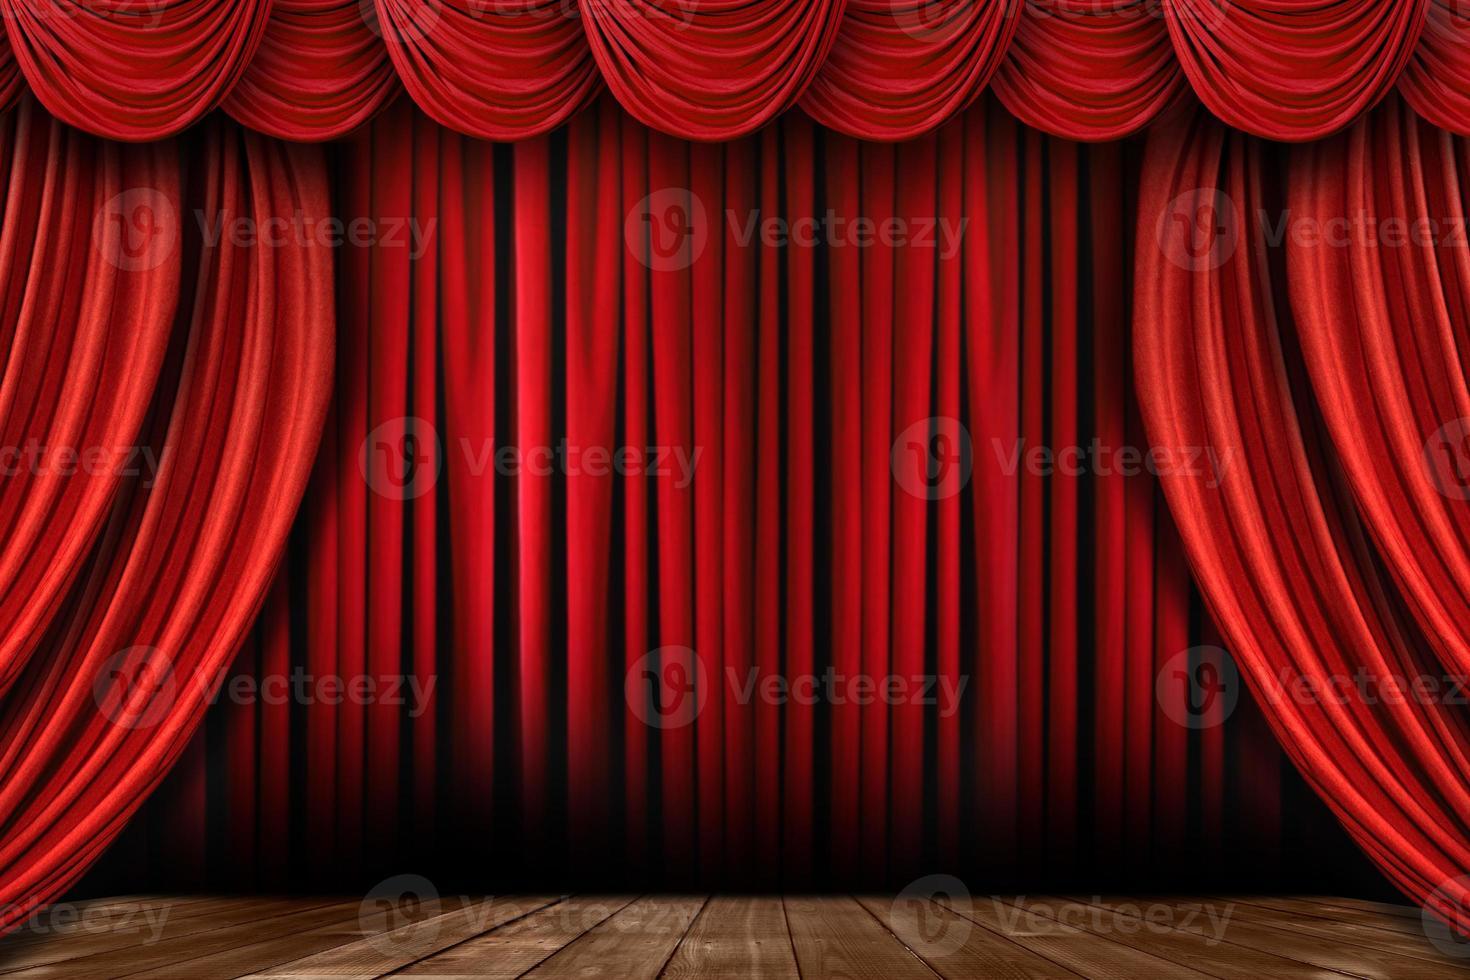 rideaux de scène rouge vif avec de nombreux festons photo